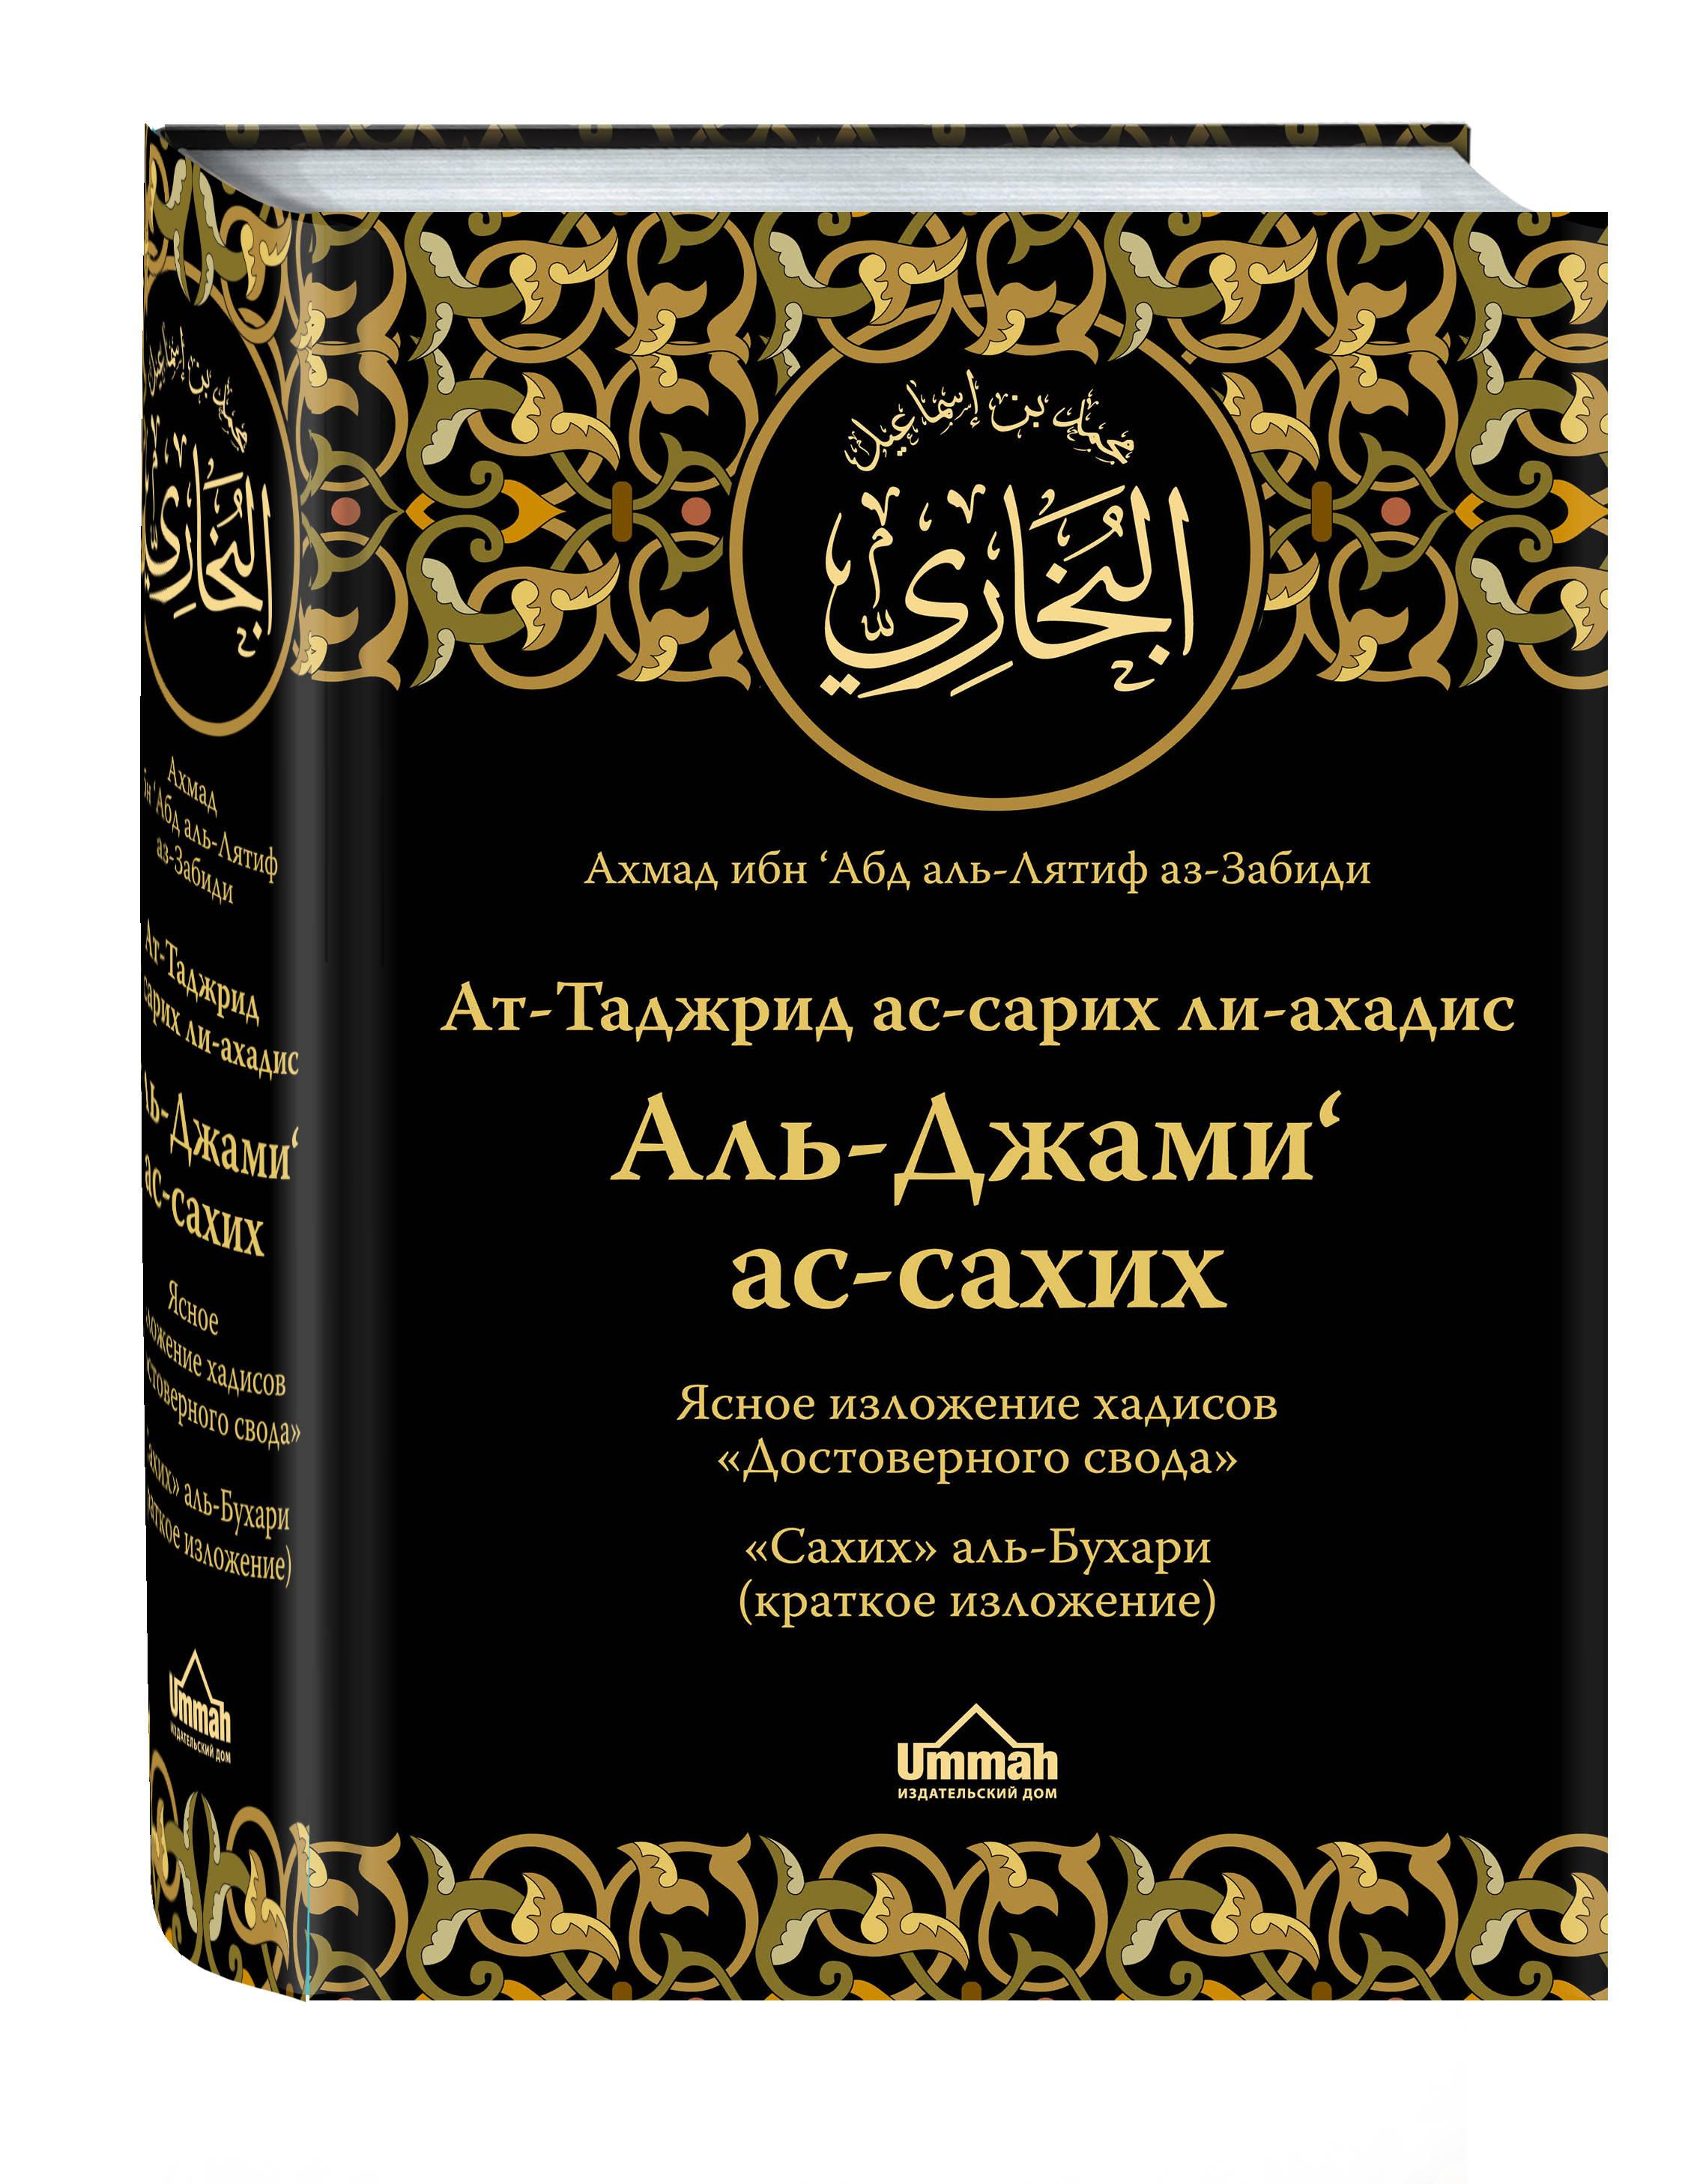 Ясное изложение хадисов «Достоверного свода» : «Сахих» аль-Бухари (краткое изложение)